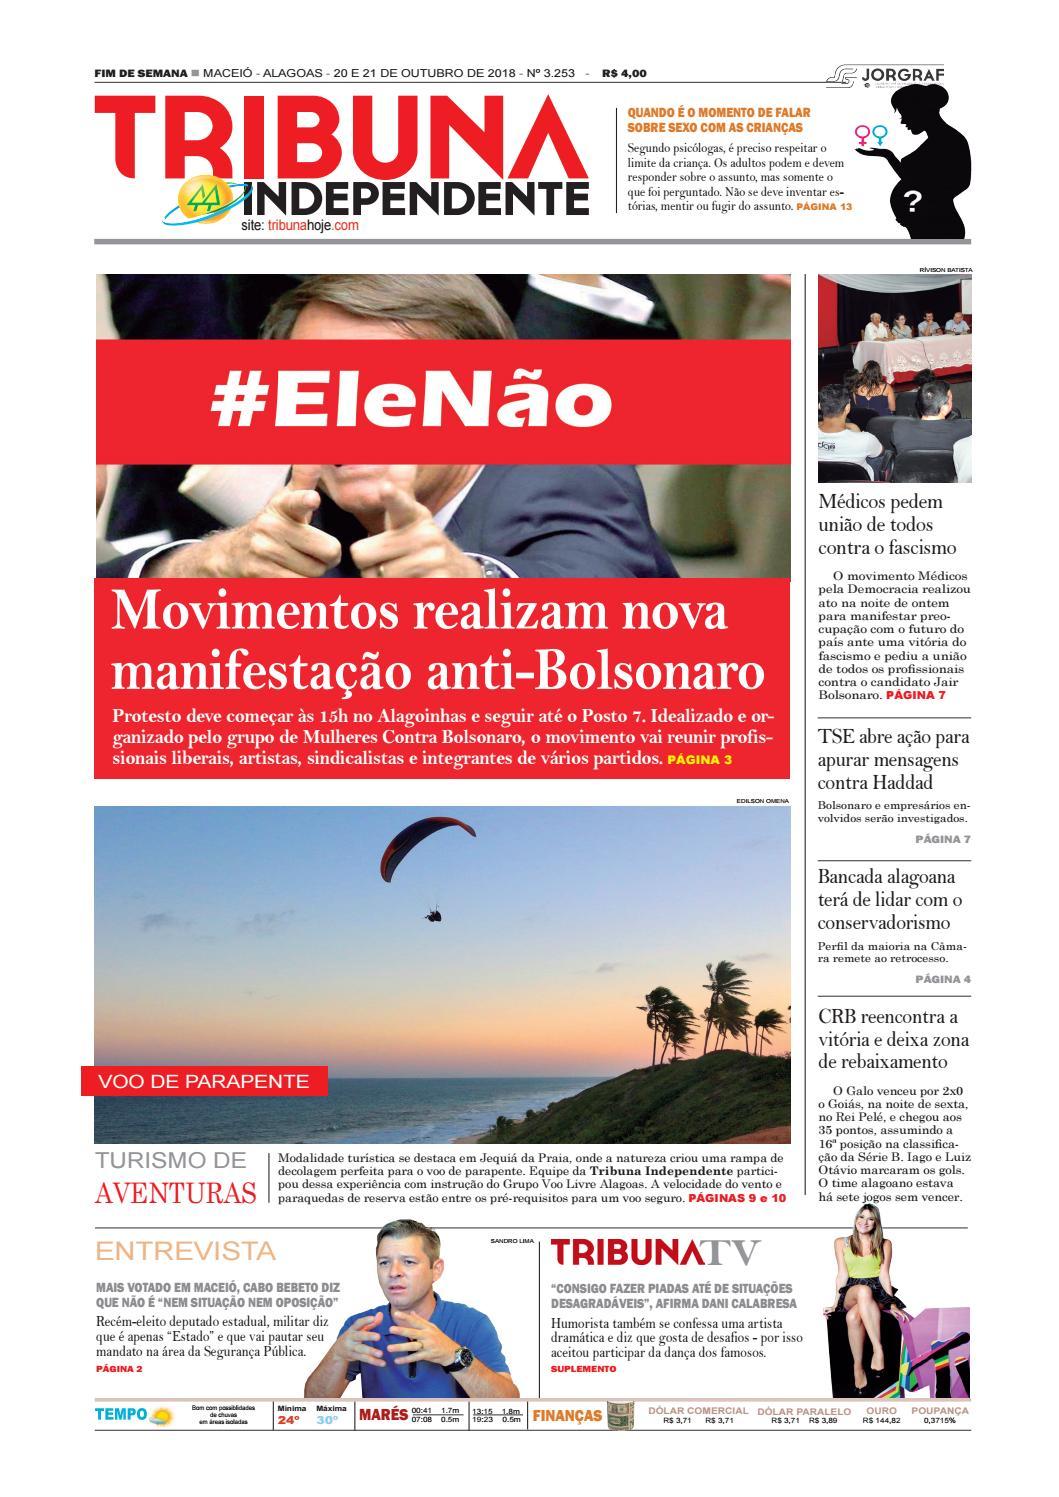 321928a495cd4 Edição número 3253 - 20 e 21 de outubro de 2018 by Tribuna Hoje - issuu